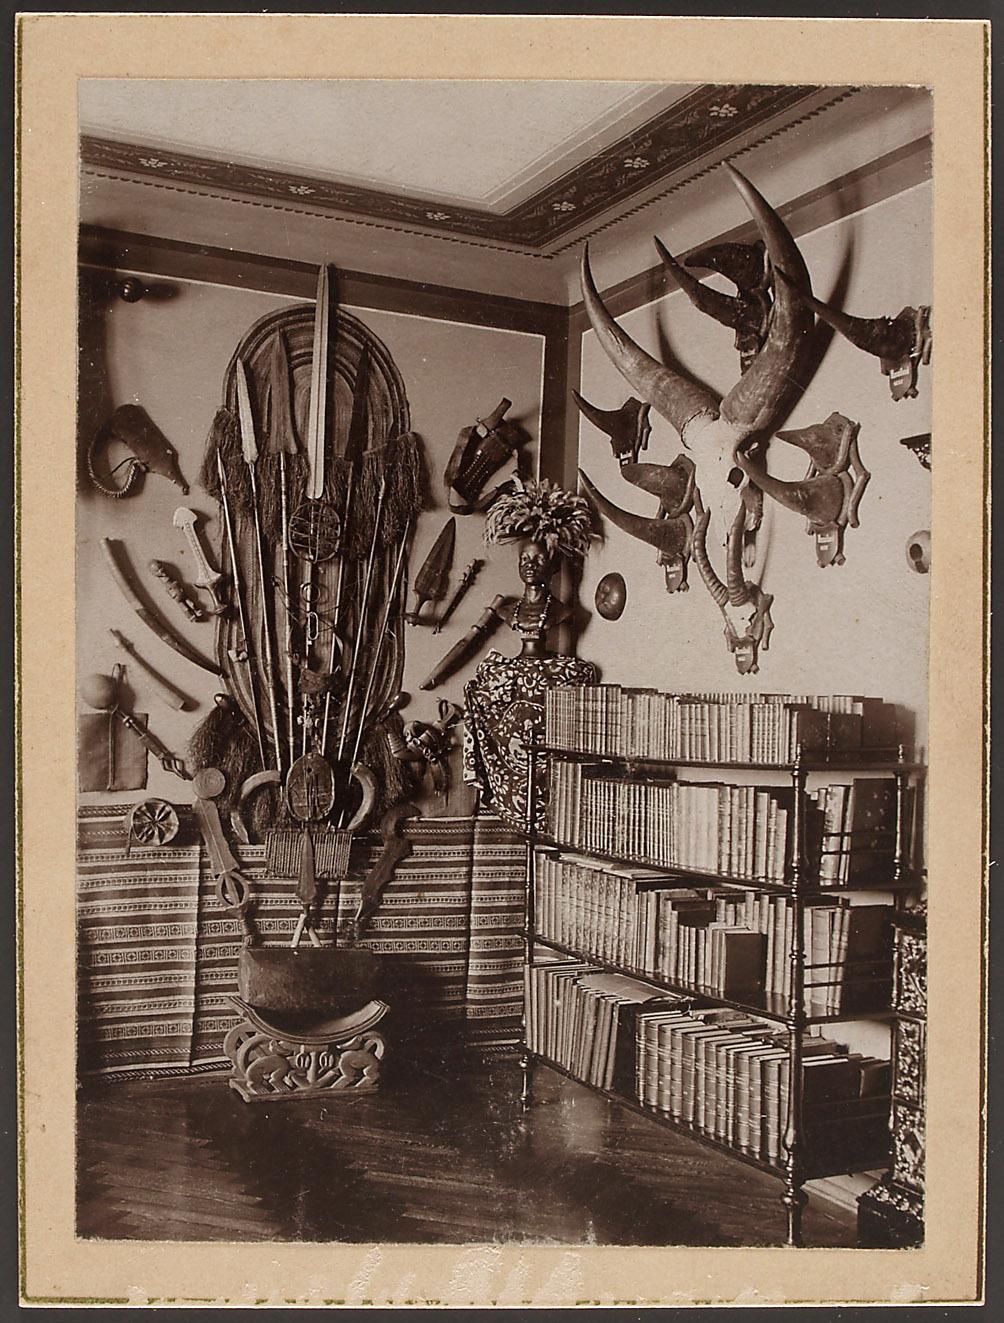 Wohnhaus der Eltern in Salzburg, Wohnraum von Oscar Baumann um 1899